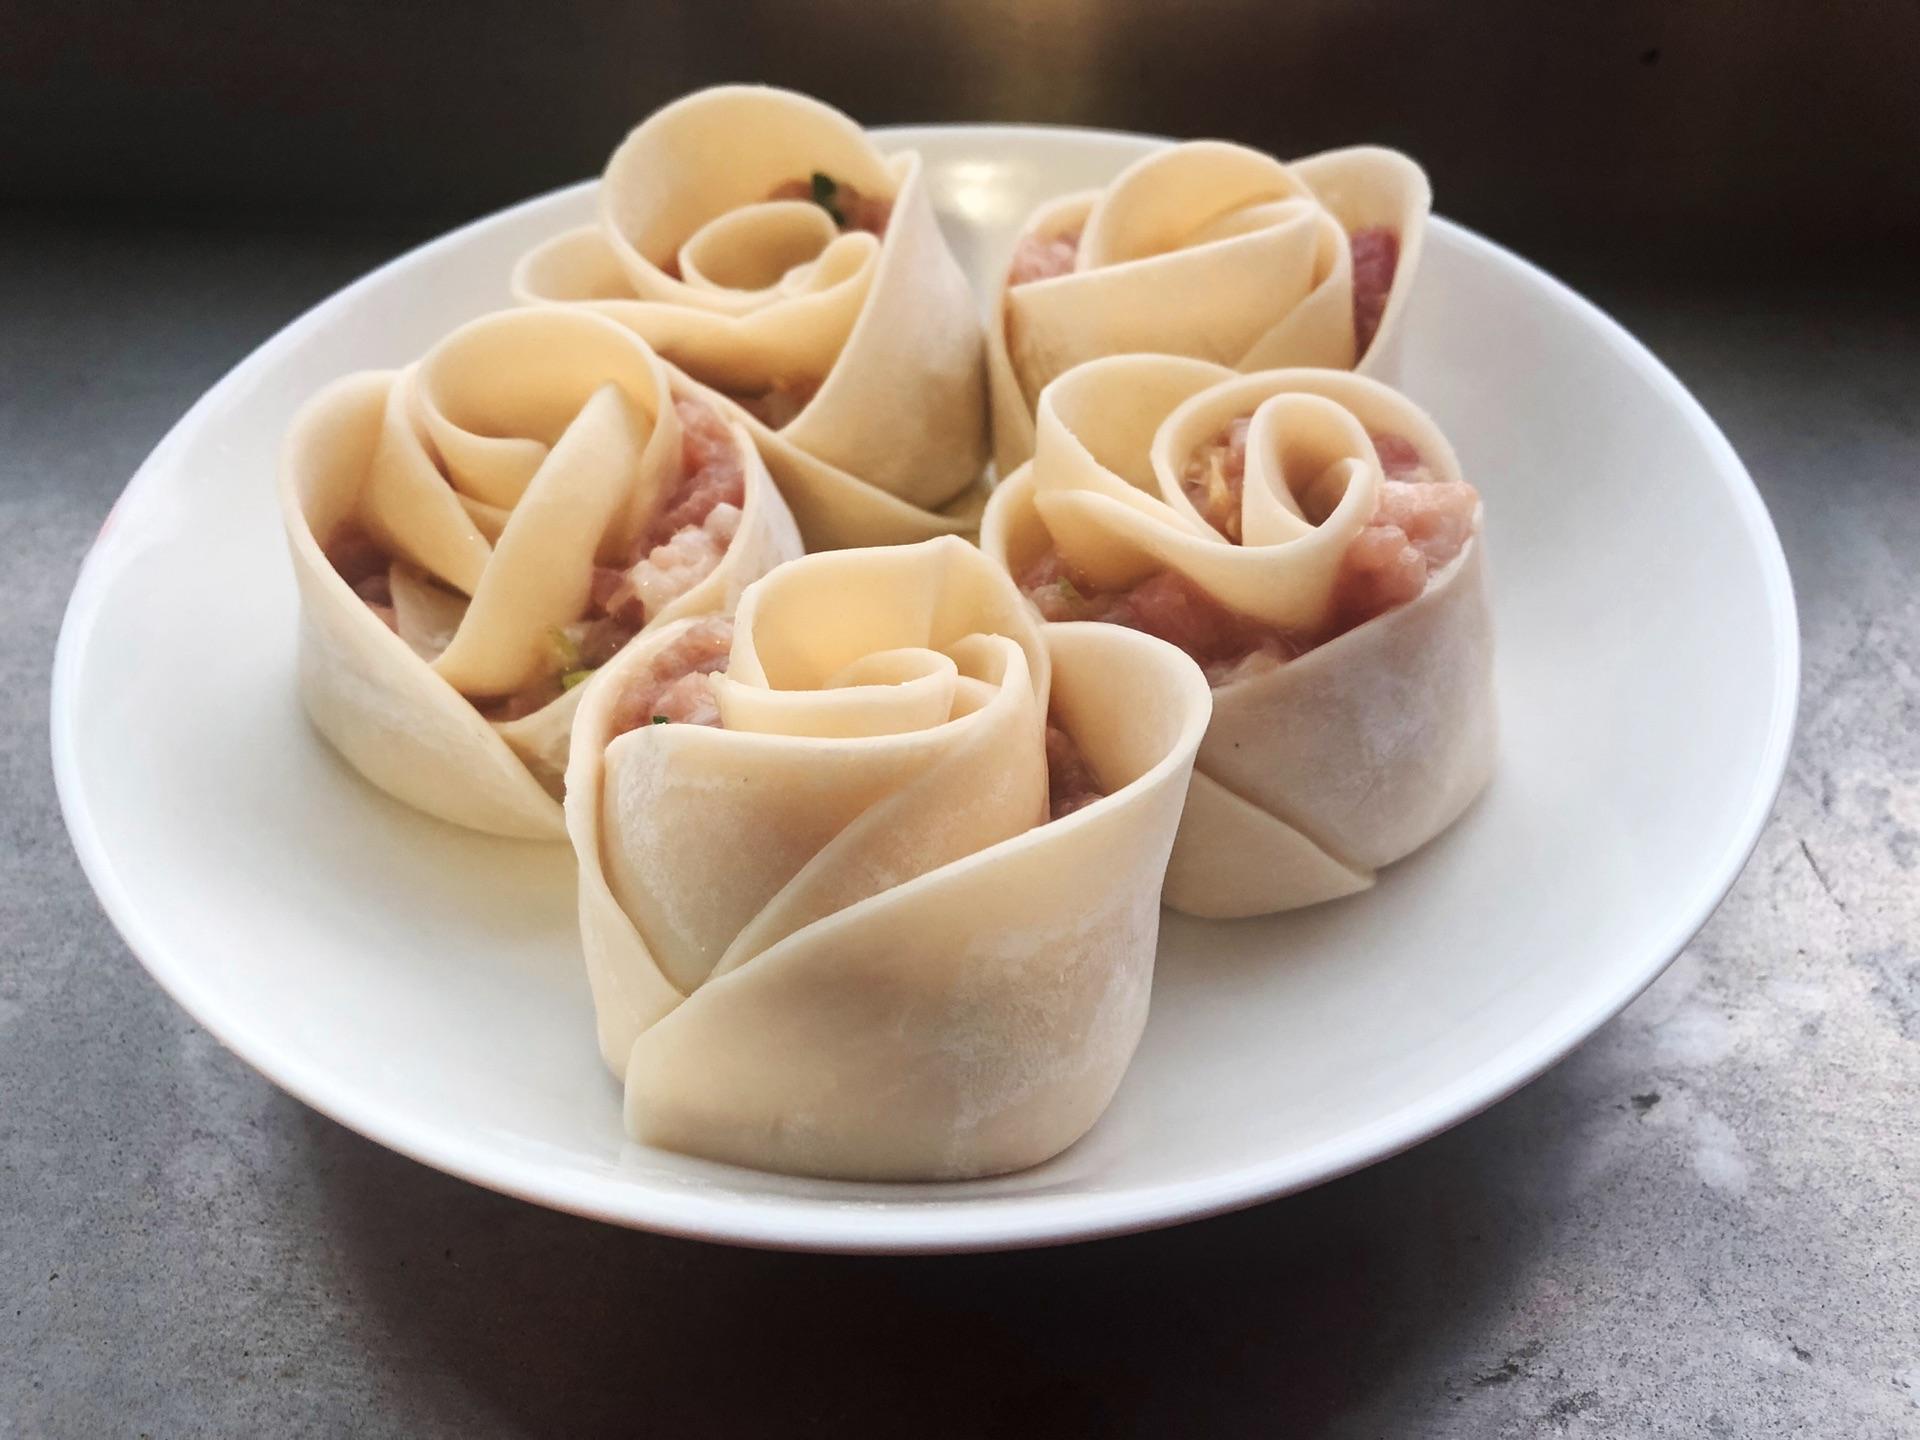 玫瑰花饺的做法步骤